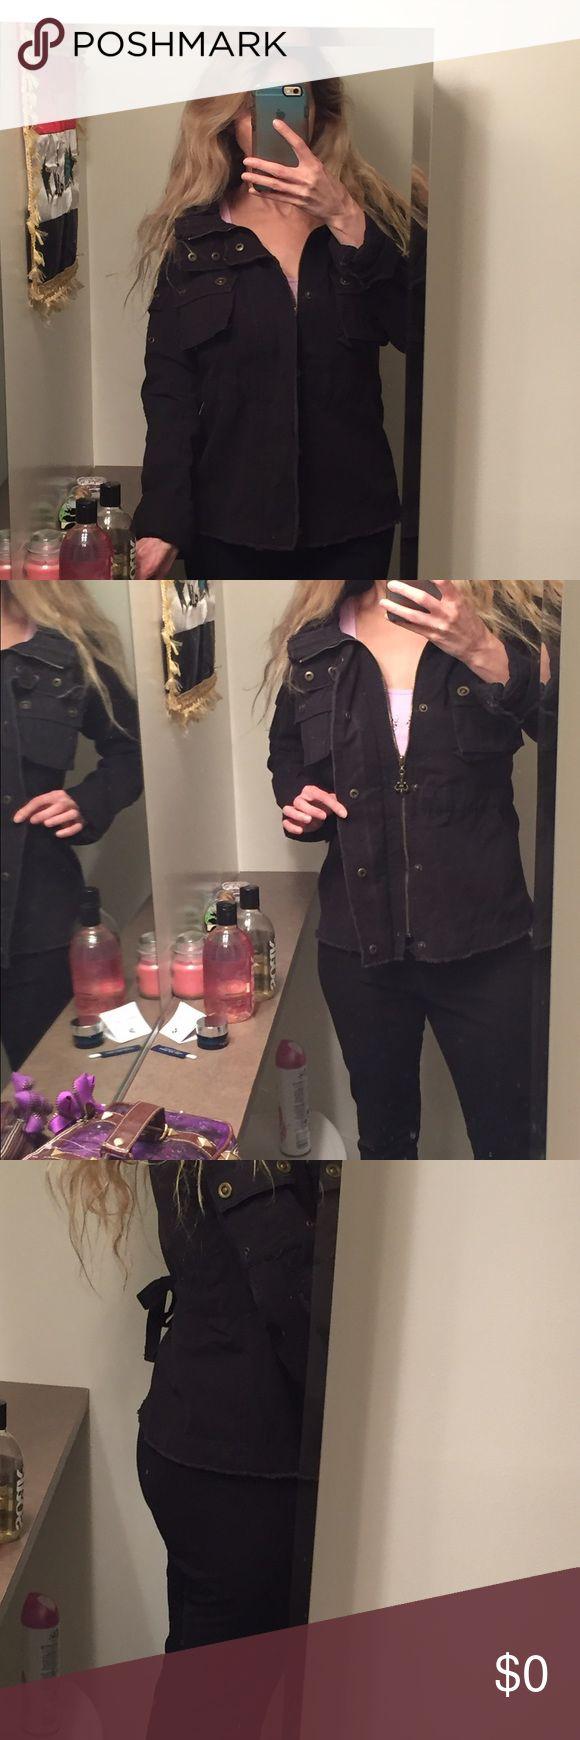 Nope just showing BB Dakota jacket BB Dakota Jackets & Coats Utility Jackets